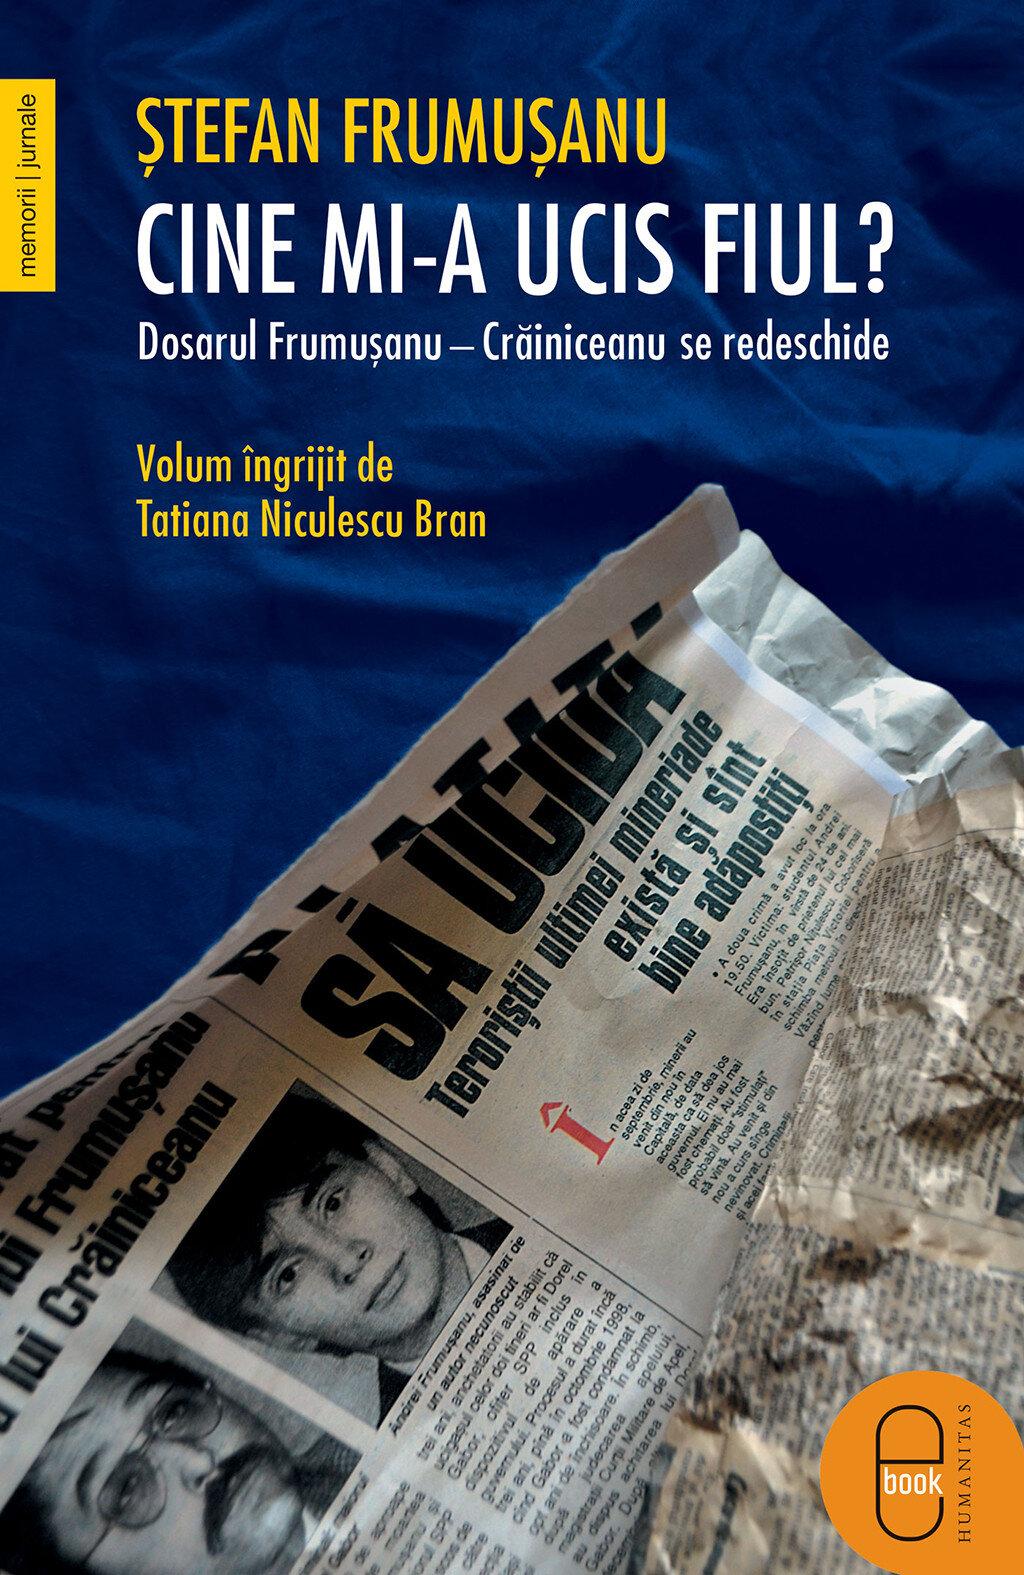 Cine mi-a ucis fiul? Dosarul Frumusanu-Crainiceanu se redeschide PDF (Download eBook)